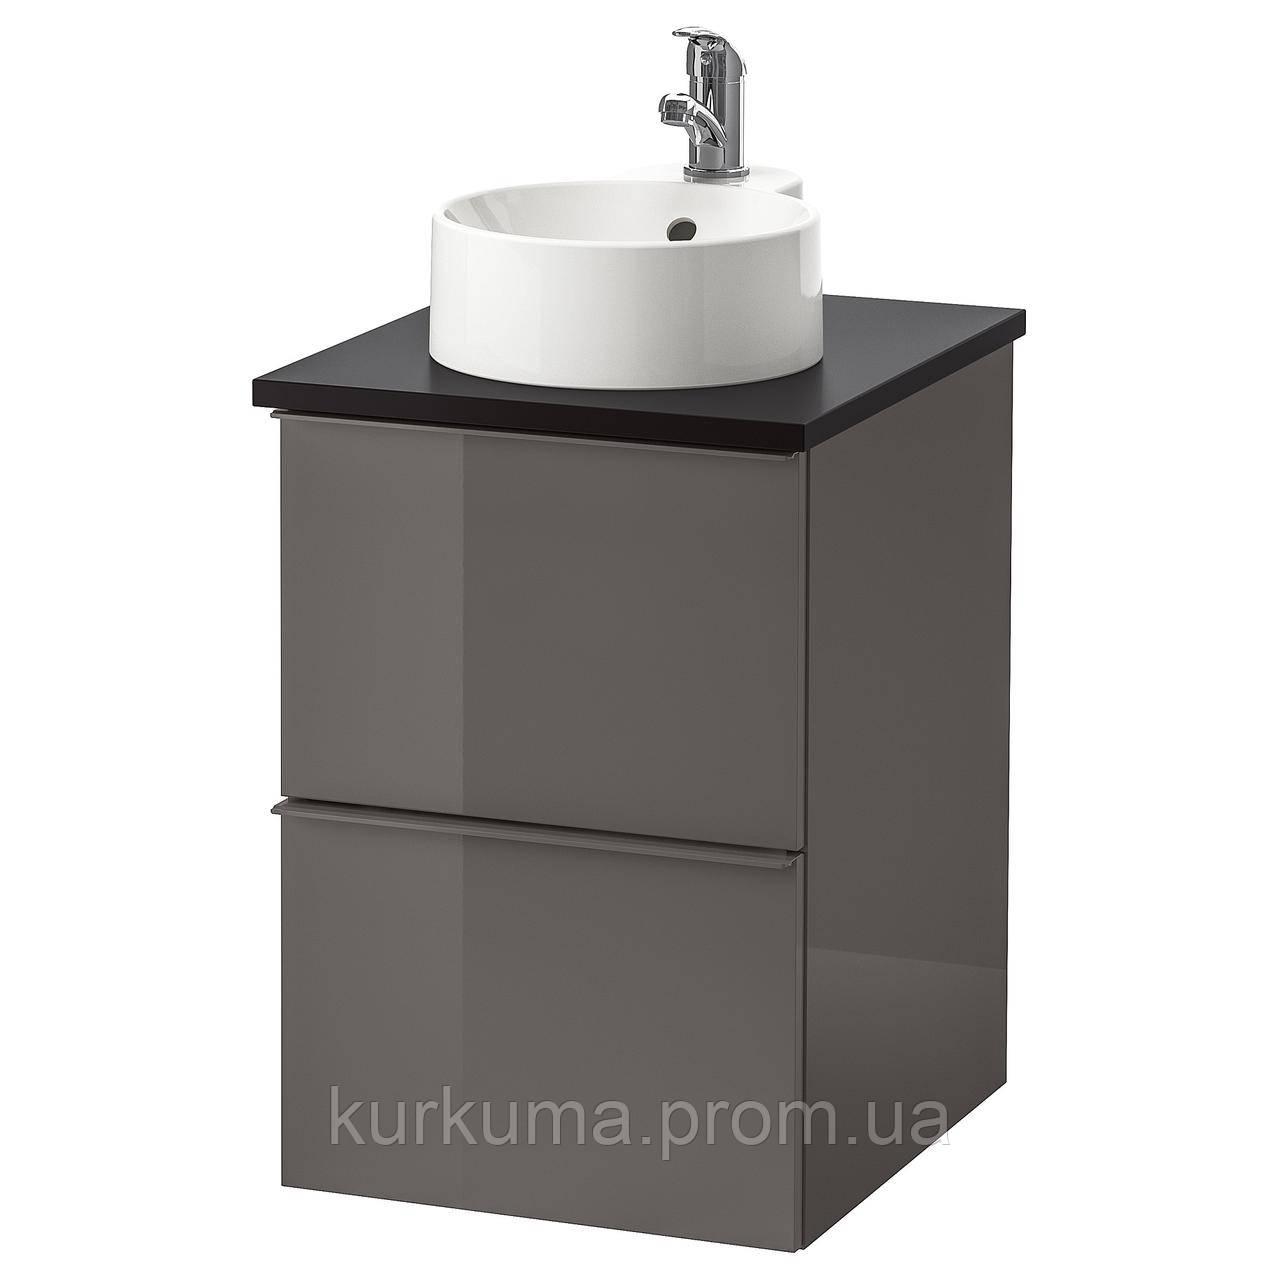 IKEA GODMORGON/TOLKEN/GUTVIKEN Шафа під умивальник з раковиною, глянцевий сірий, (191.935.36)